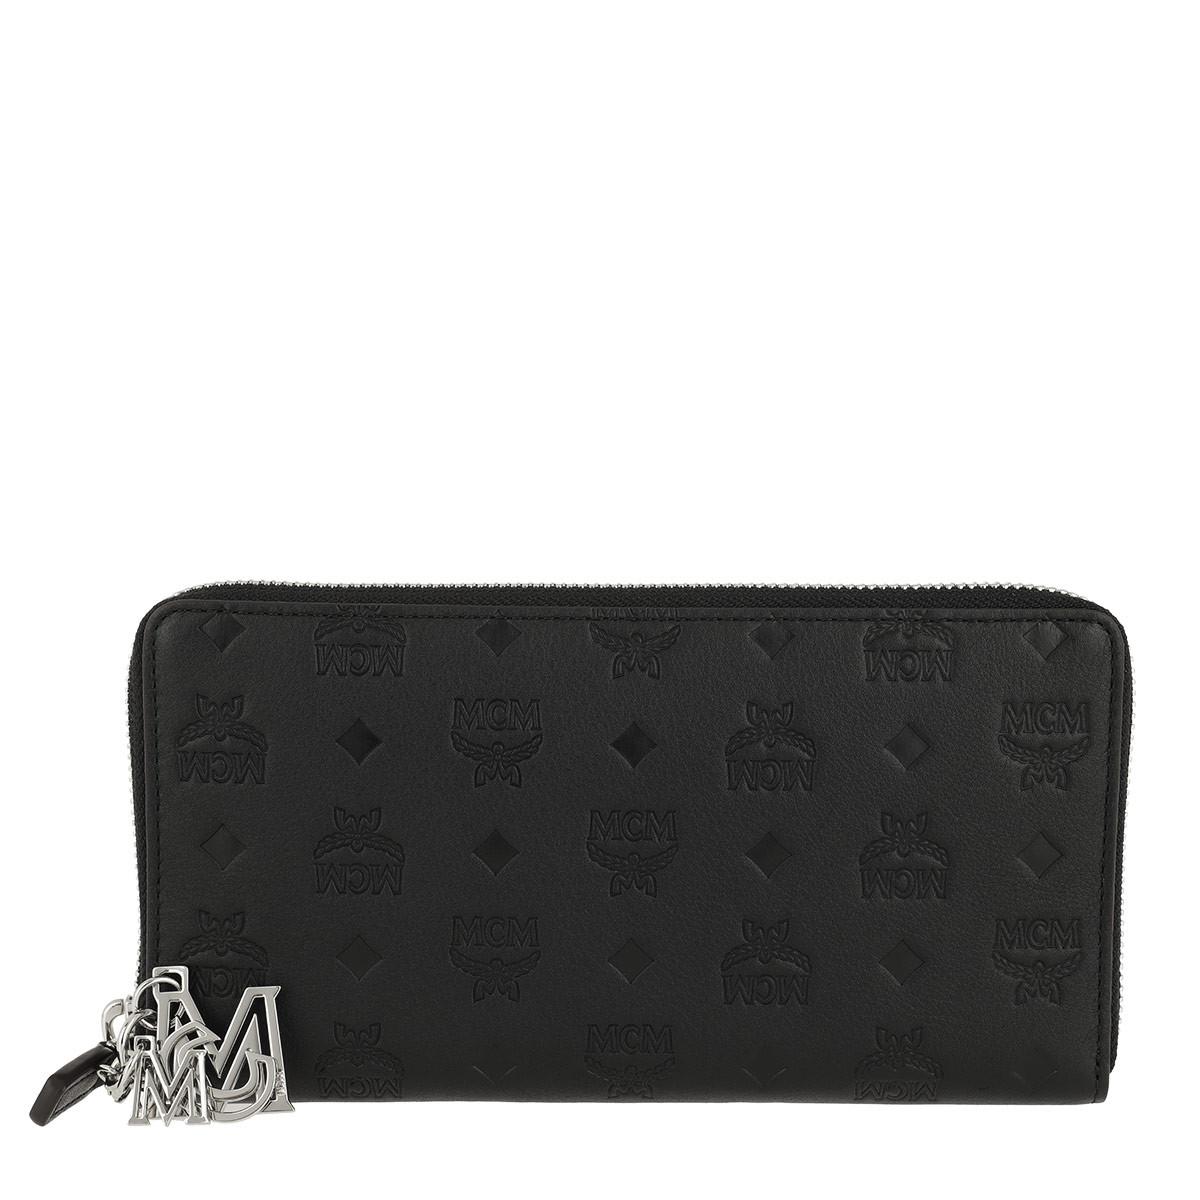 MCM Portemonnaie - Klara Monogrammed Leather Wallet Large Black - in schwarz - für Damen